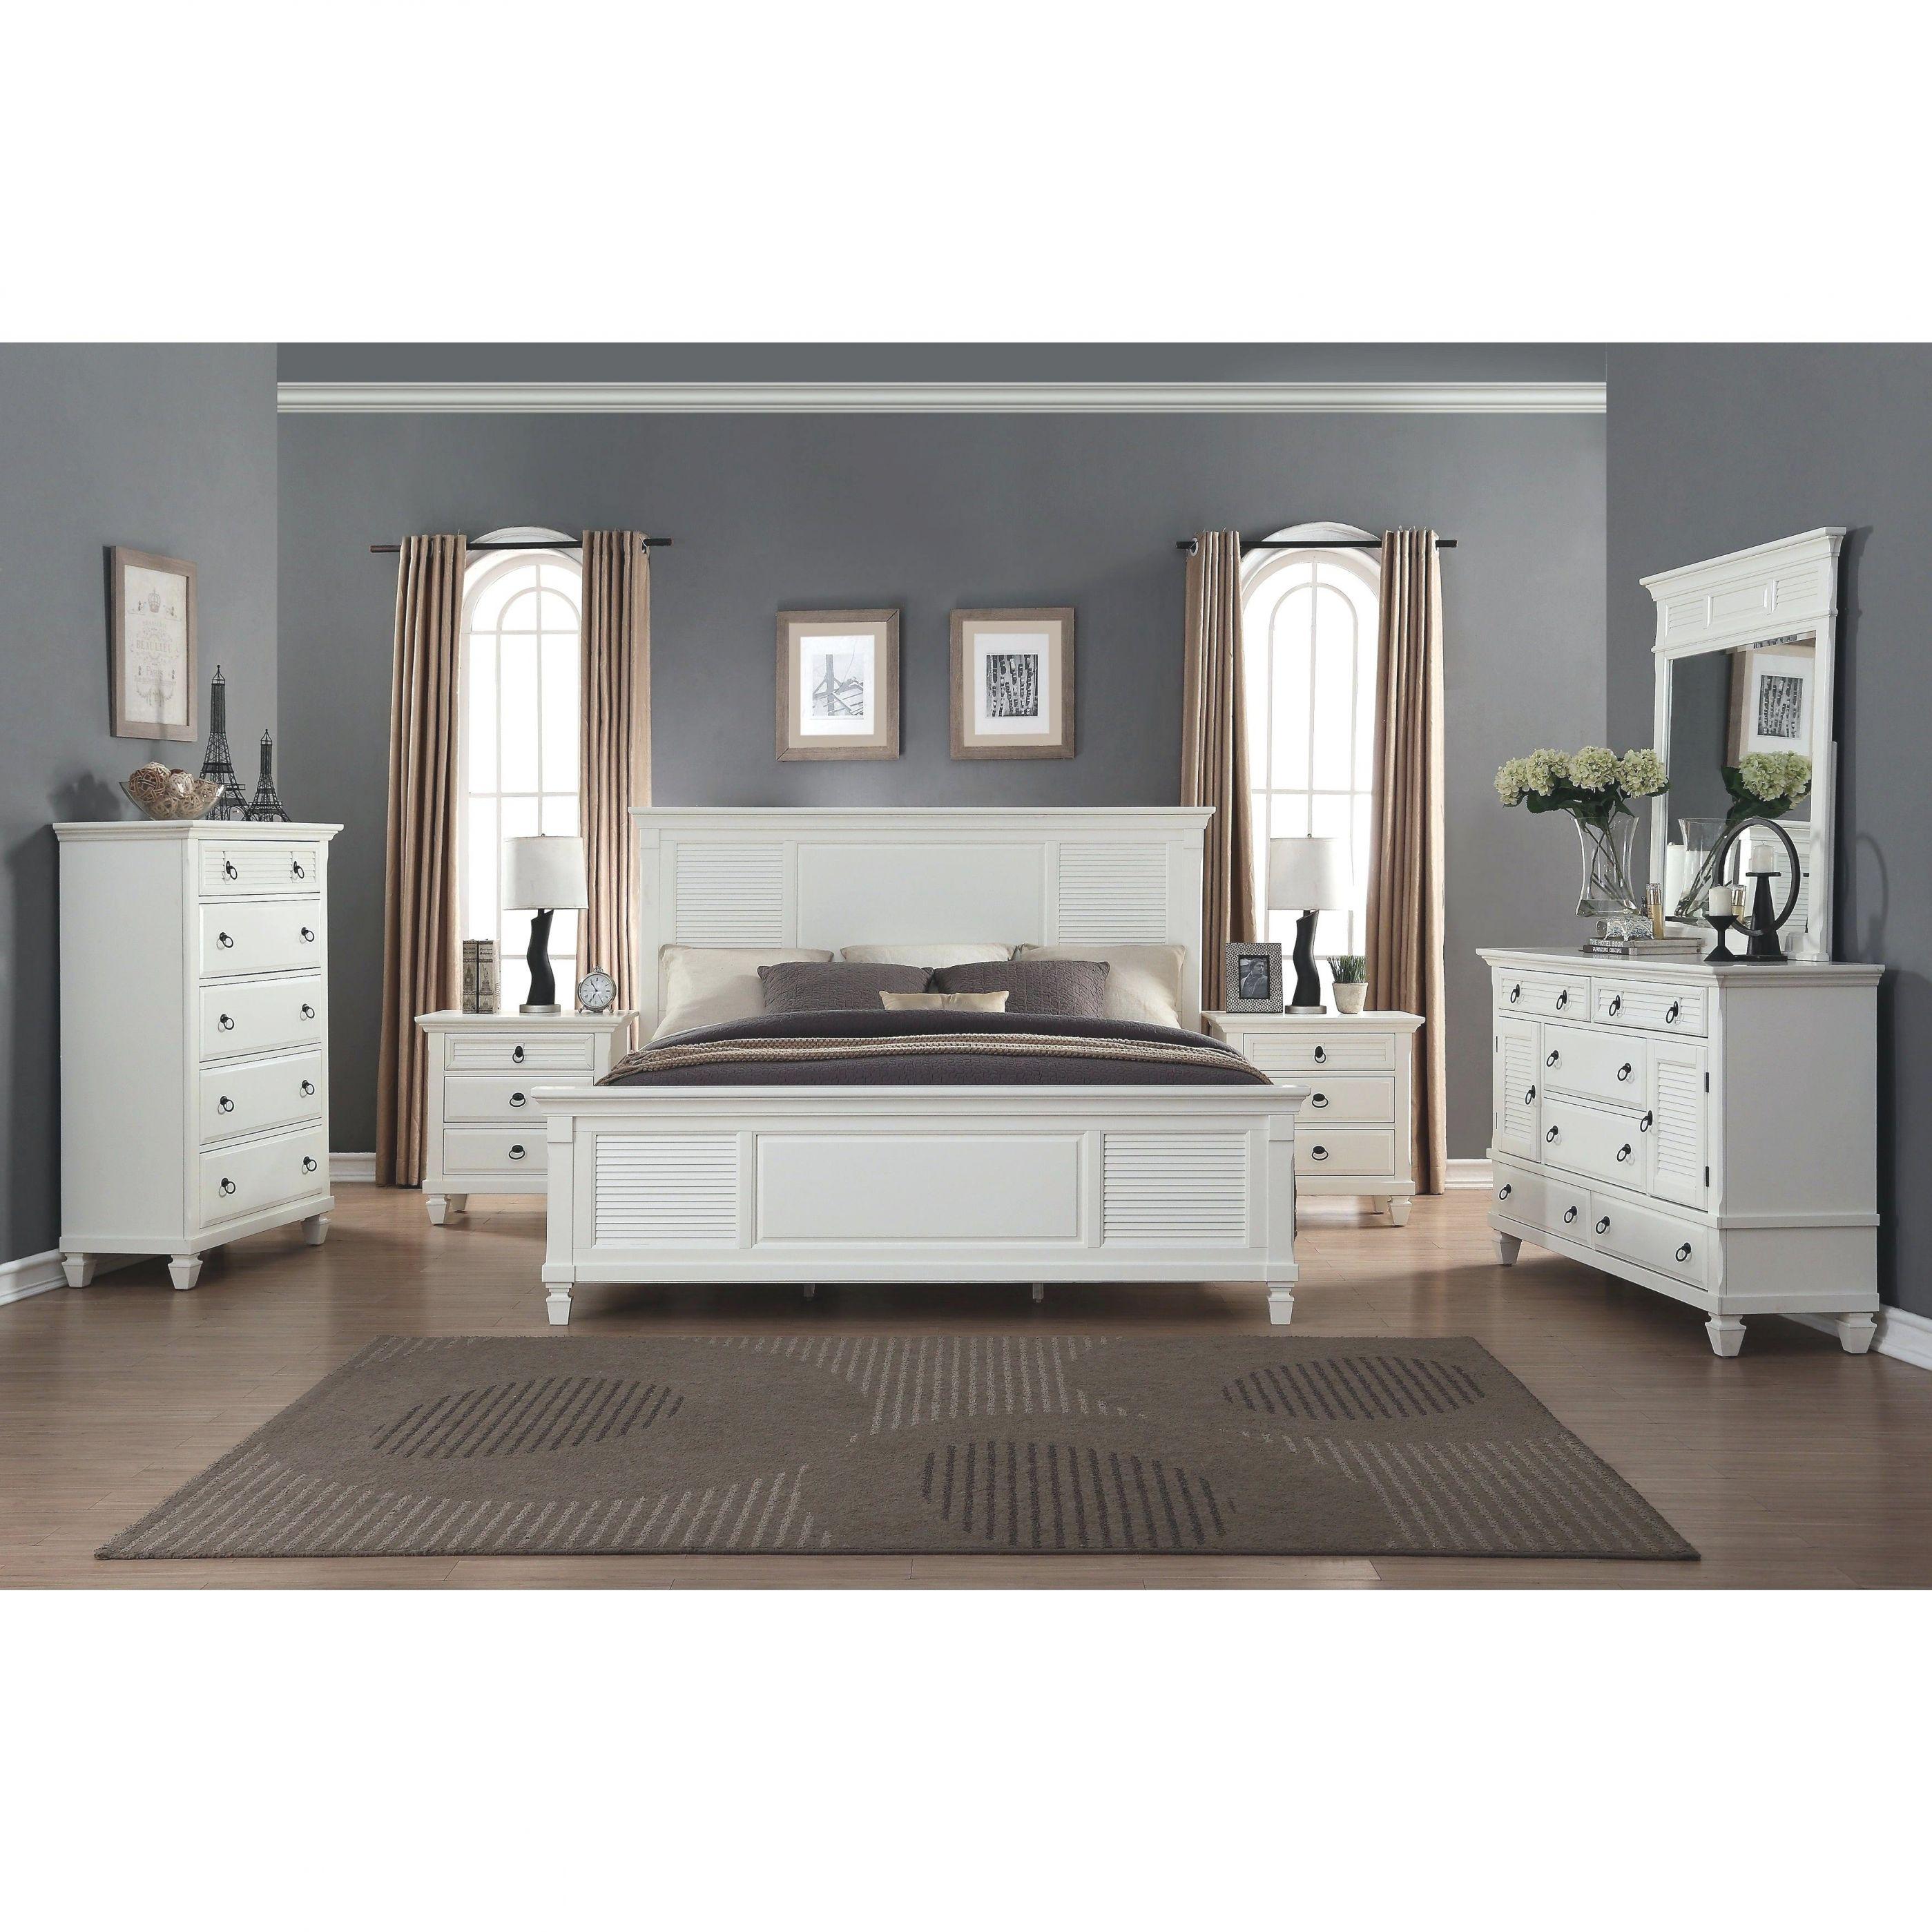 Bedroom Furniture King Size – Mimteam.co in Elegant Jordans